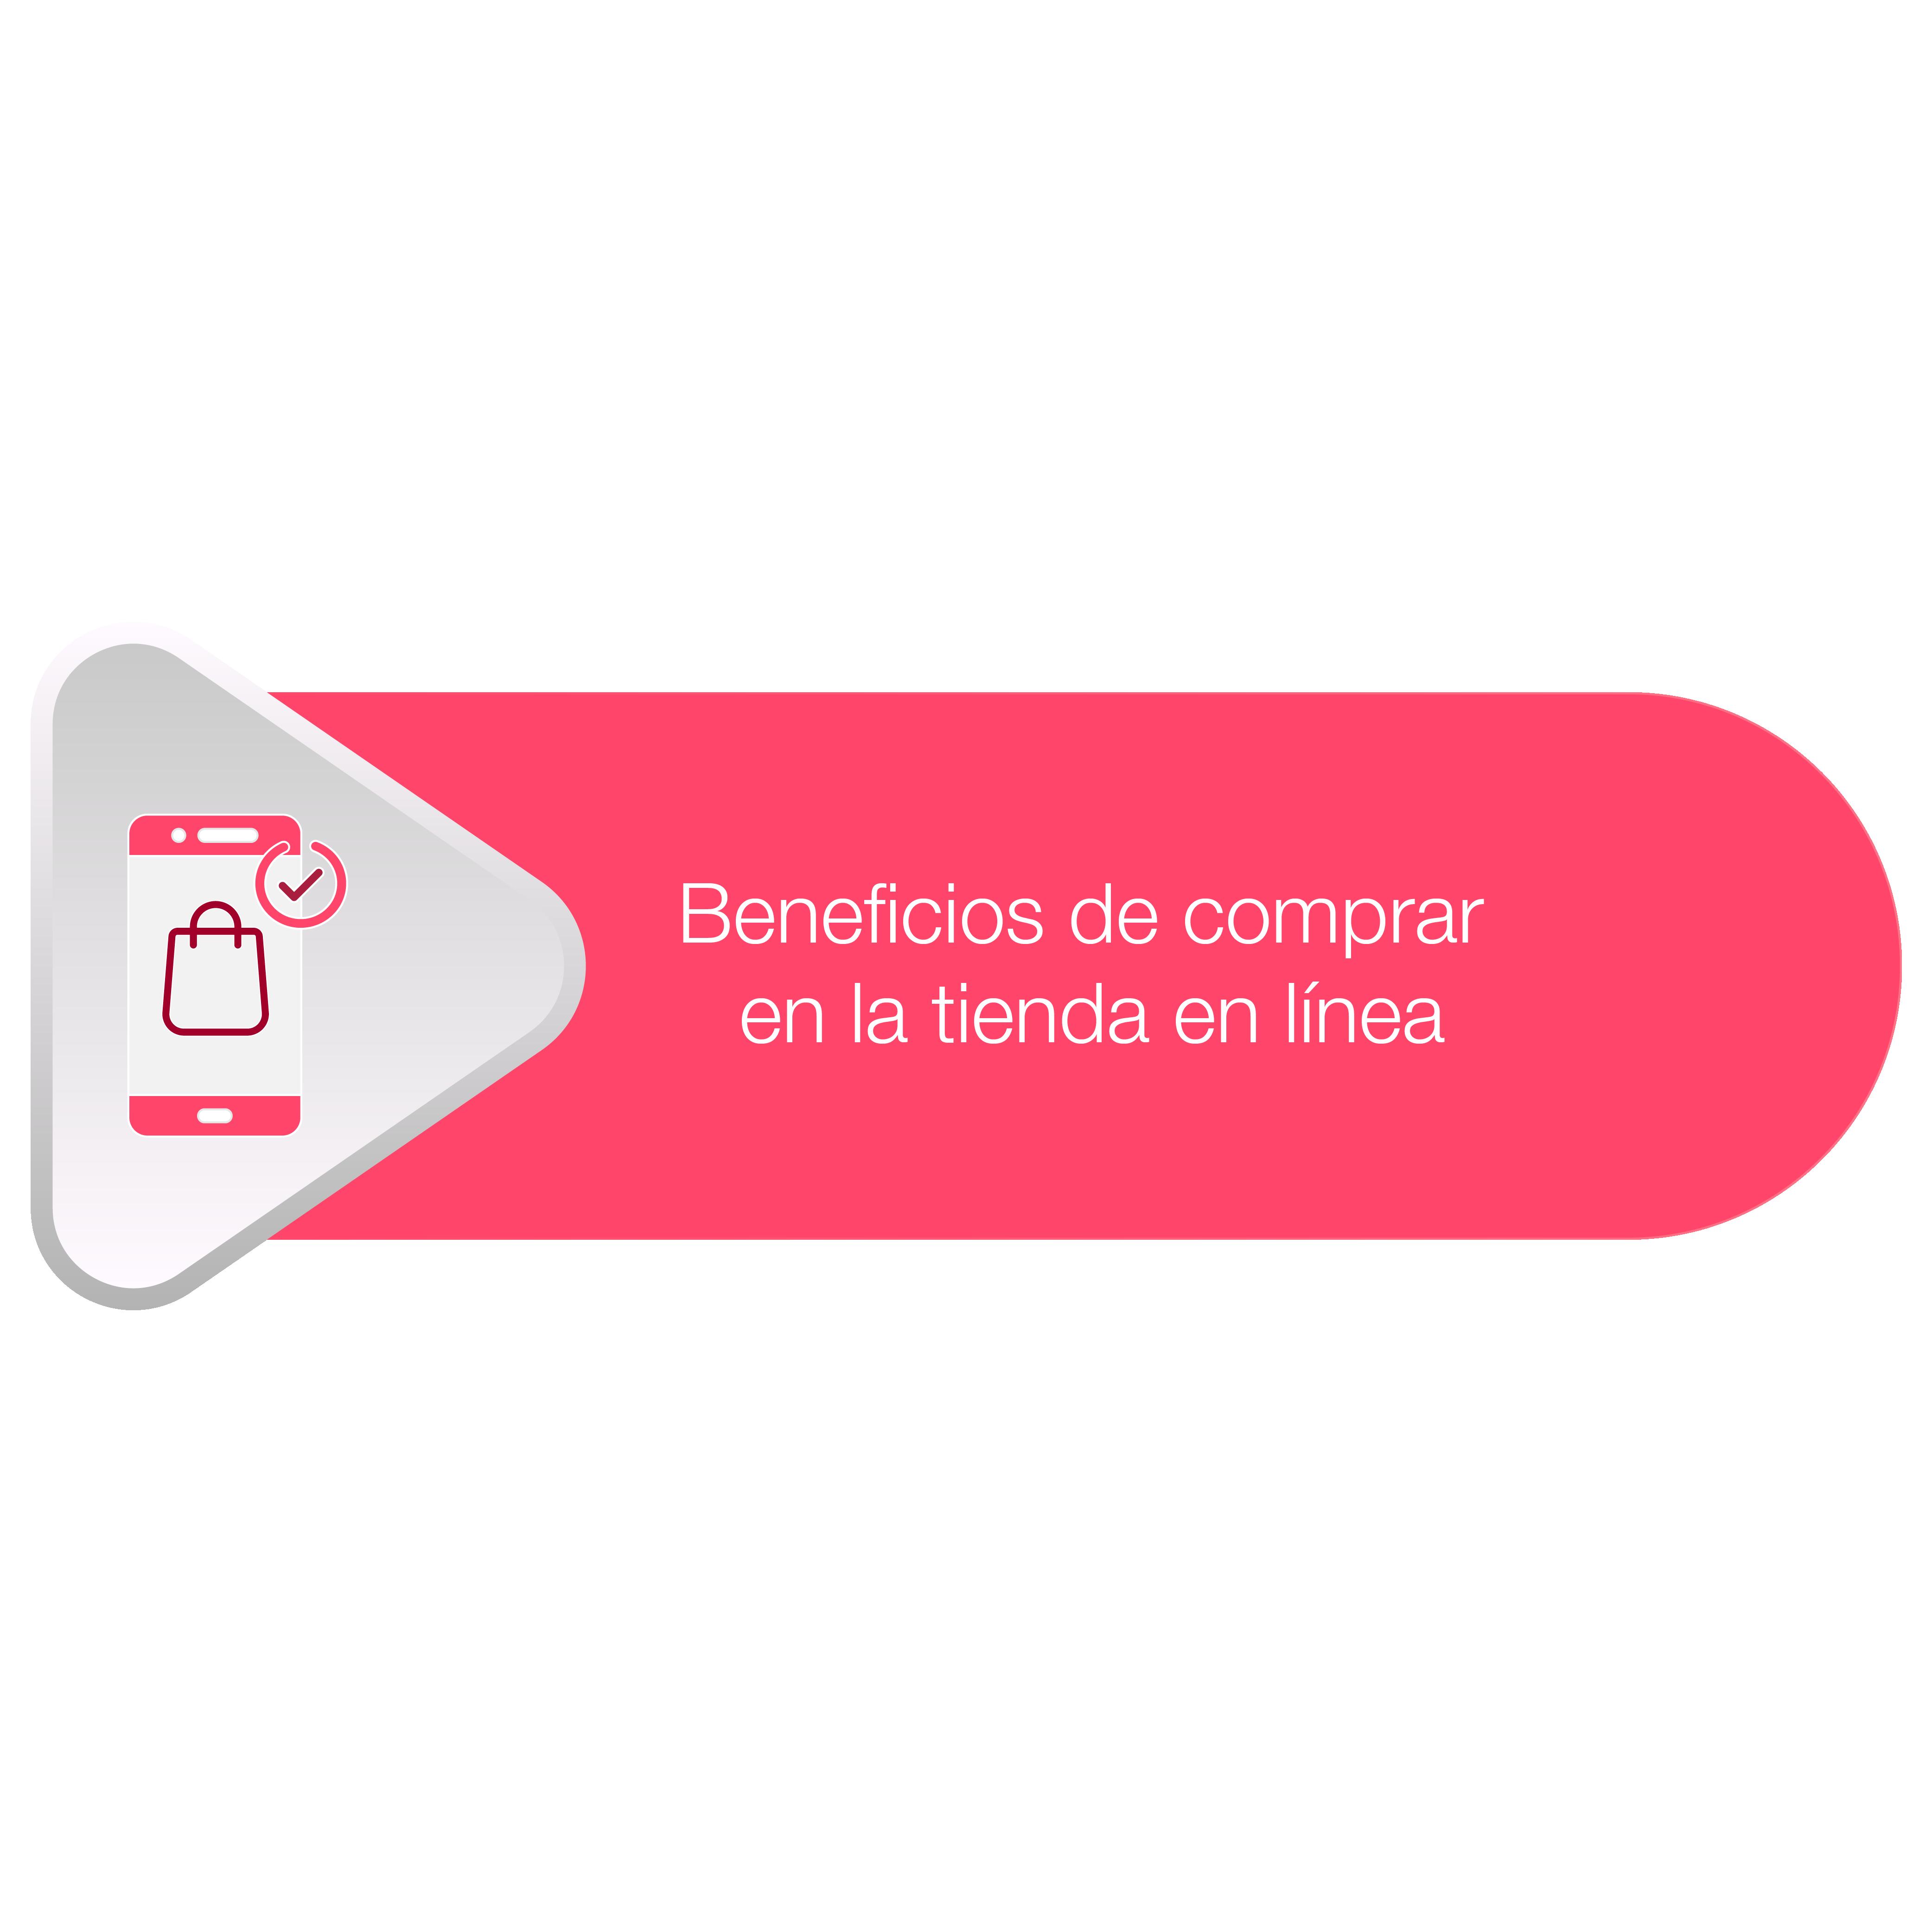 botones de compra en linea_beneficios.png